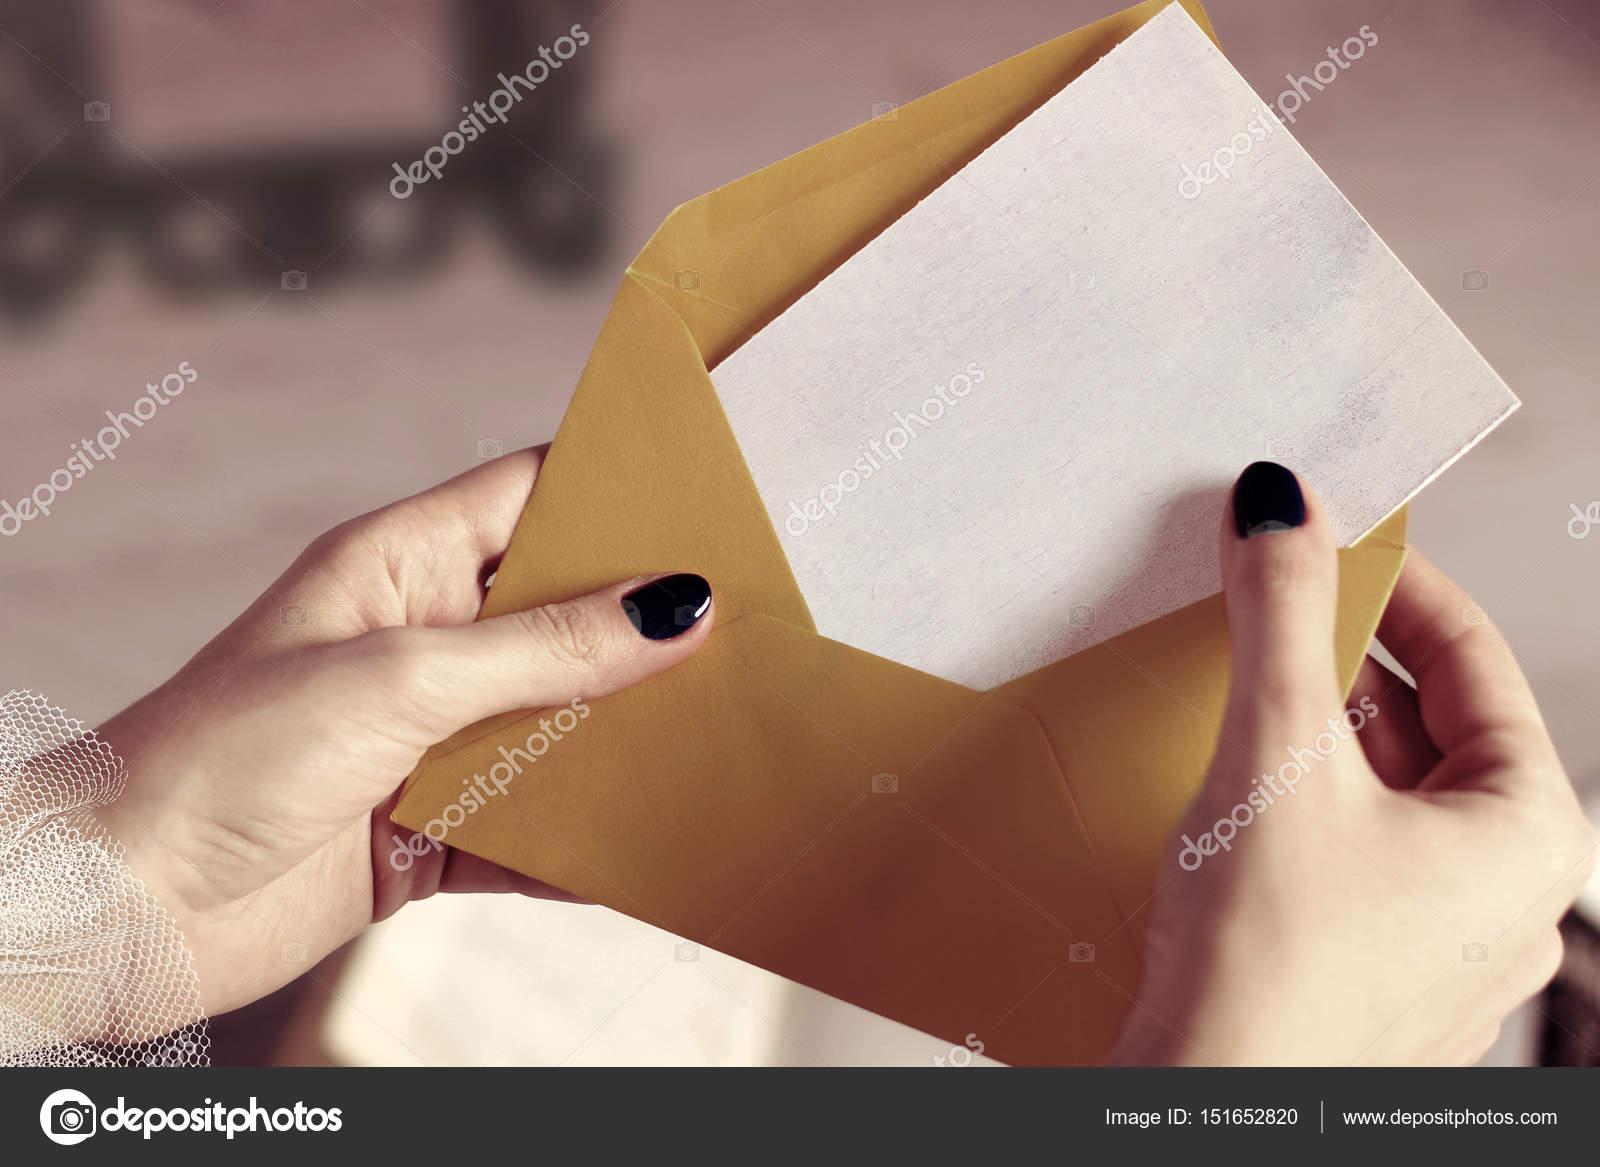 Gros Plan De Femme Main Ouverture Enveloppe Avec La Carte Visite Maquette Ou Lettre